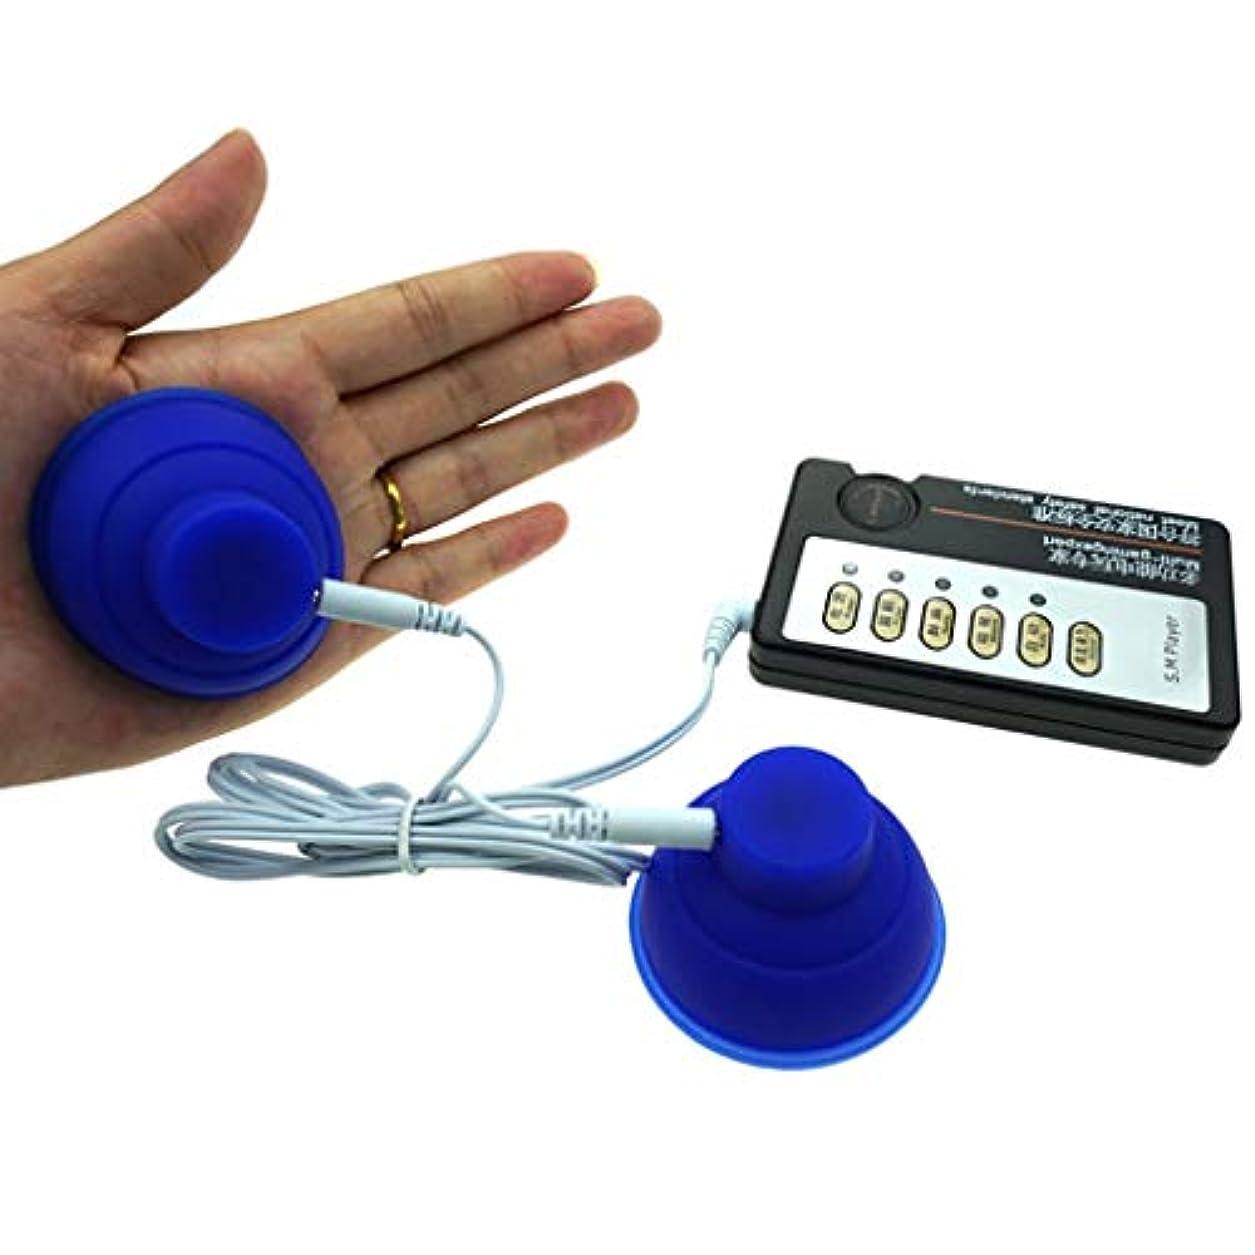 ワイヤー処理するワイヤー電気刺激 大人のおもちゃ電気刺激性のおもちゃ、電気肛門プラグ、オルガスムオナニー - 電気ショックパルス療法 - マッサージ - 乳房ポンプ - カッピング